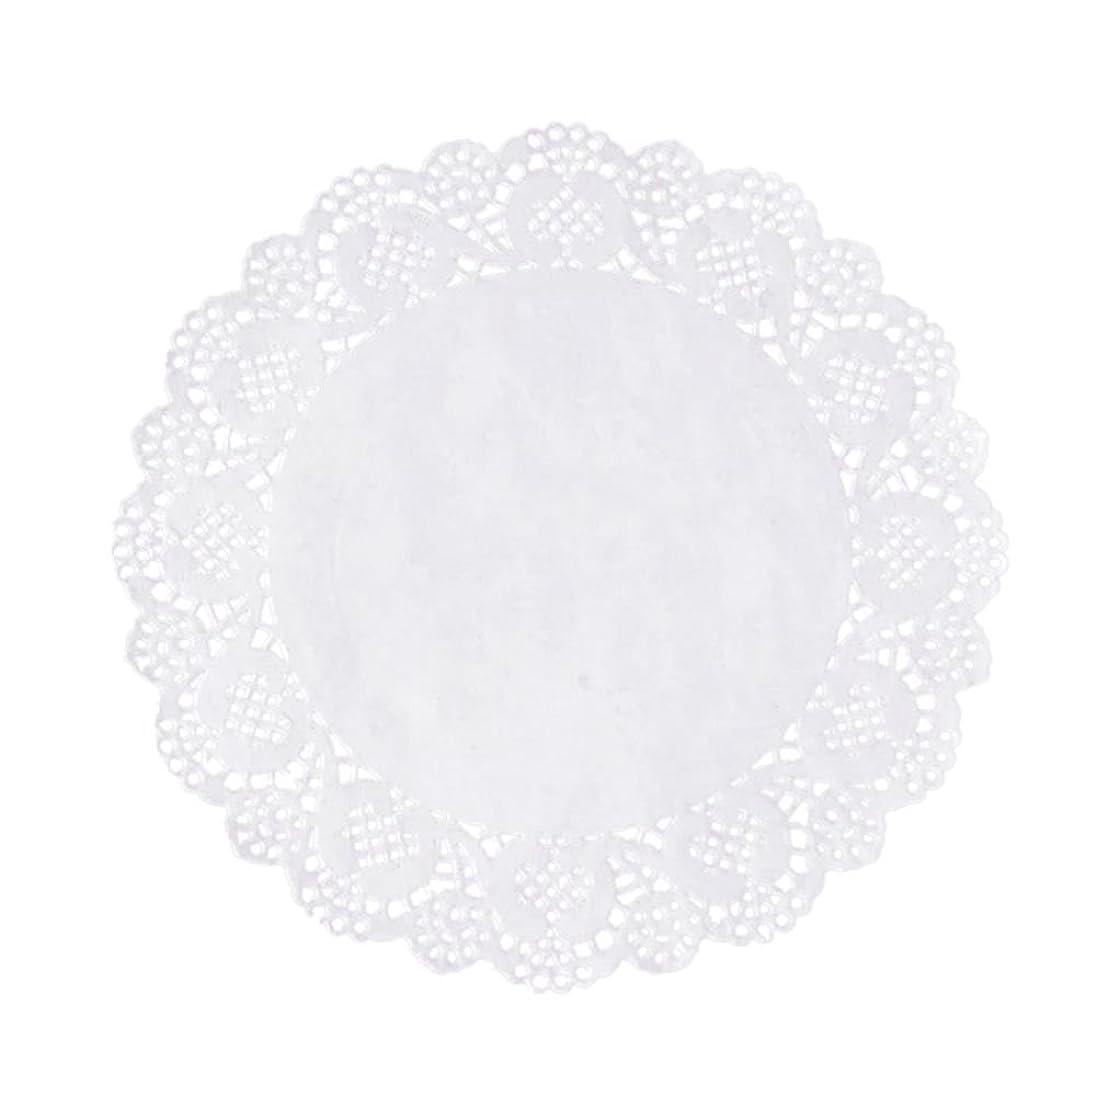 最も遠い精巧な受信Xigeapg 100枚白いレースラウンド小さなマットケーキ包装パッド結婚式の食器装飾